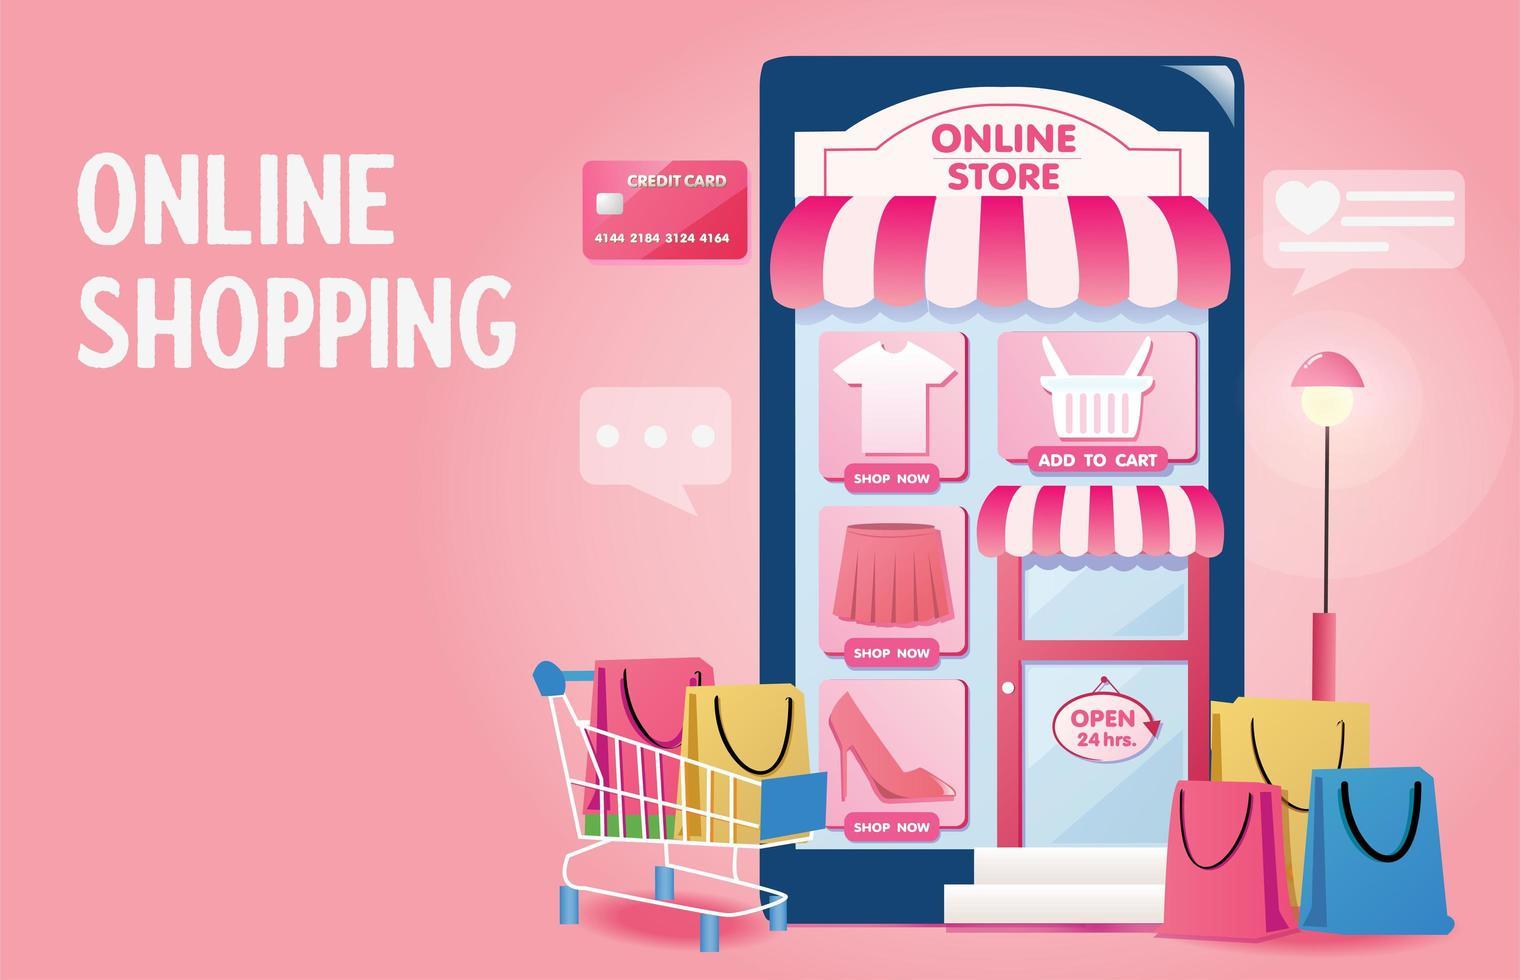 flache Design Online-Shopping-Landingpage vektor